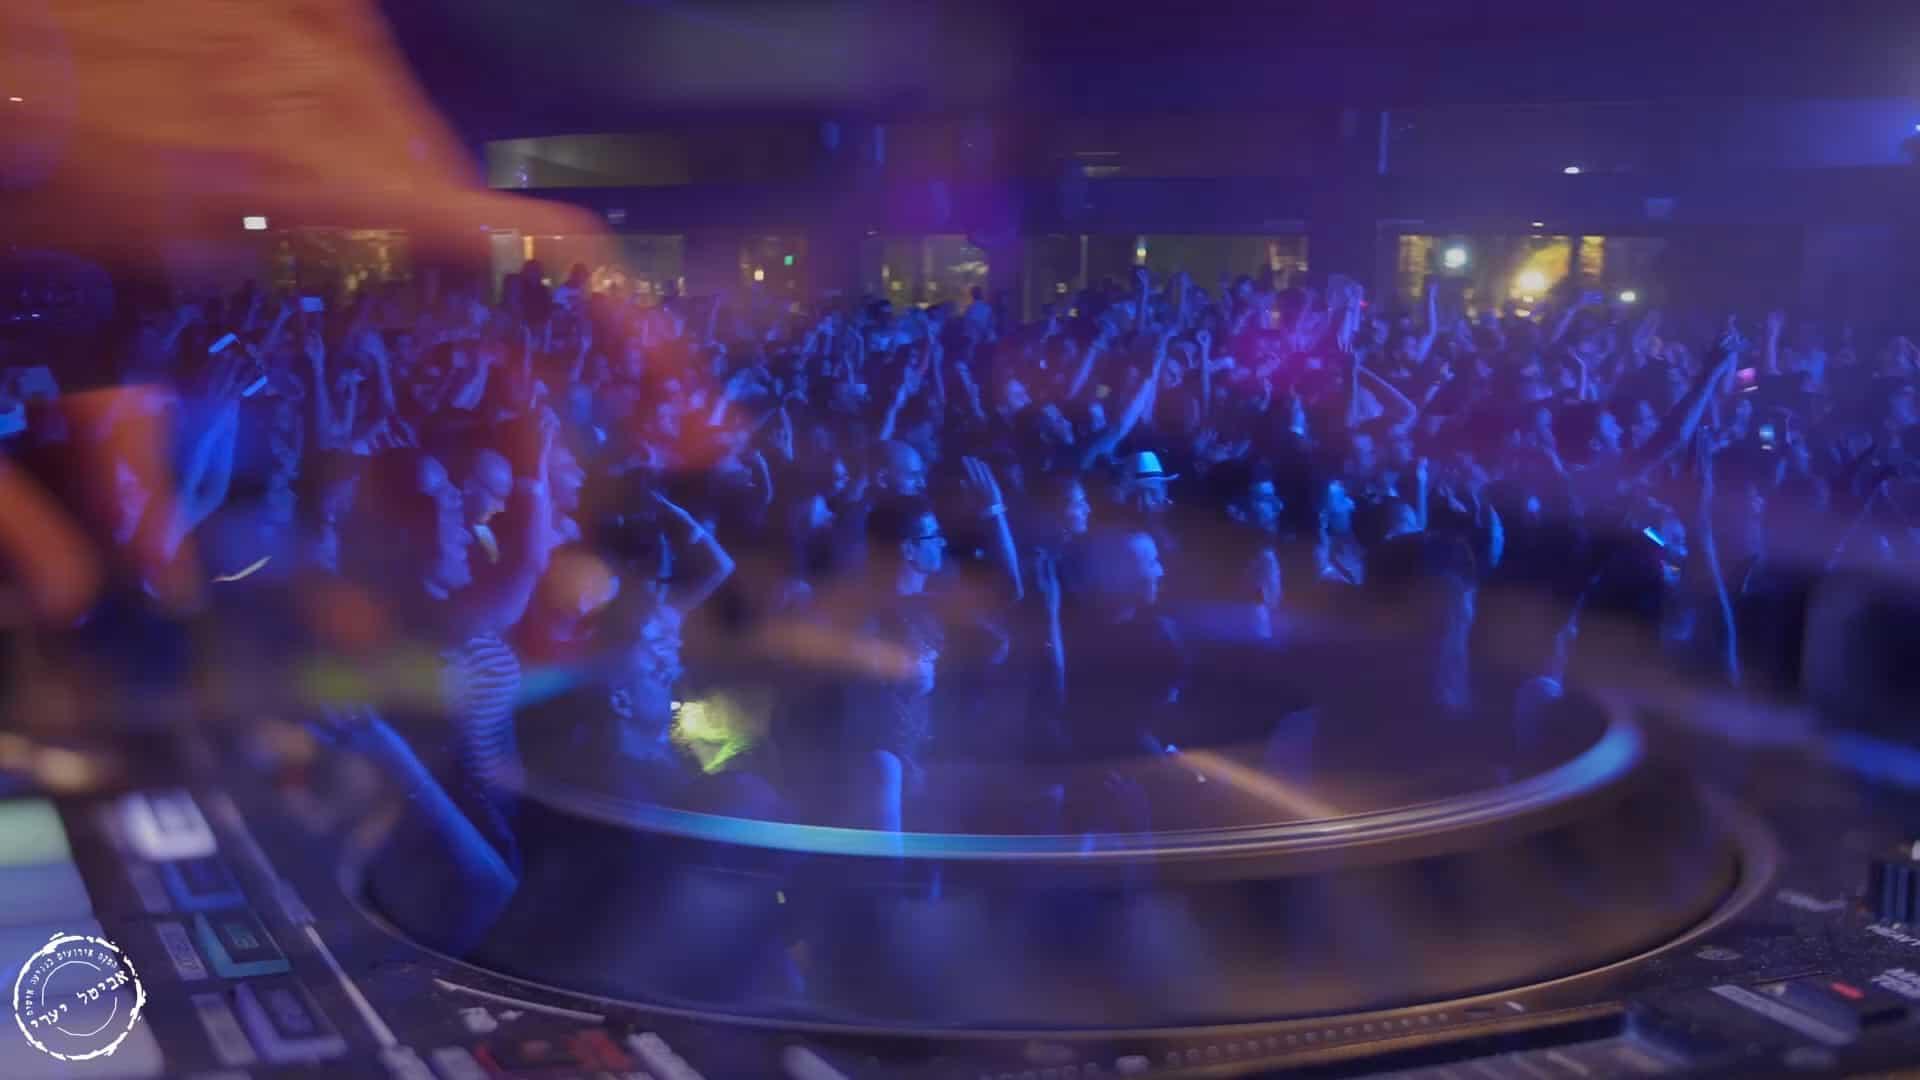 צלם וידאו למסיבת חברה